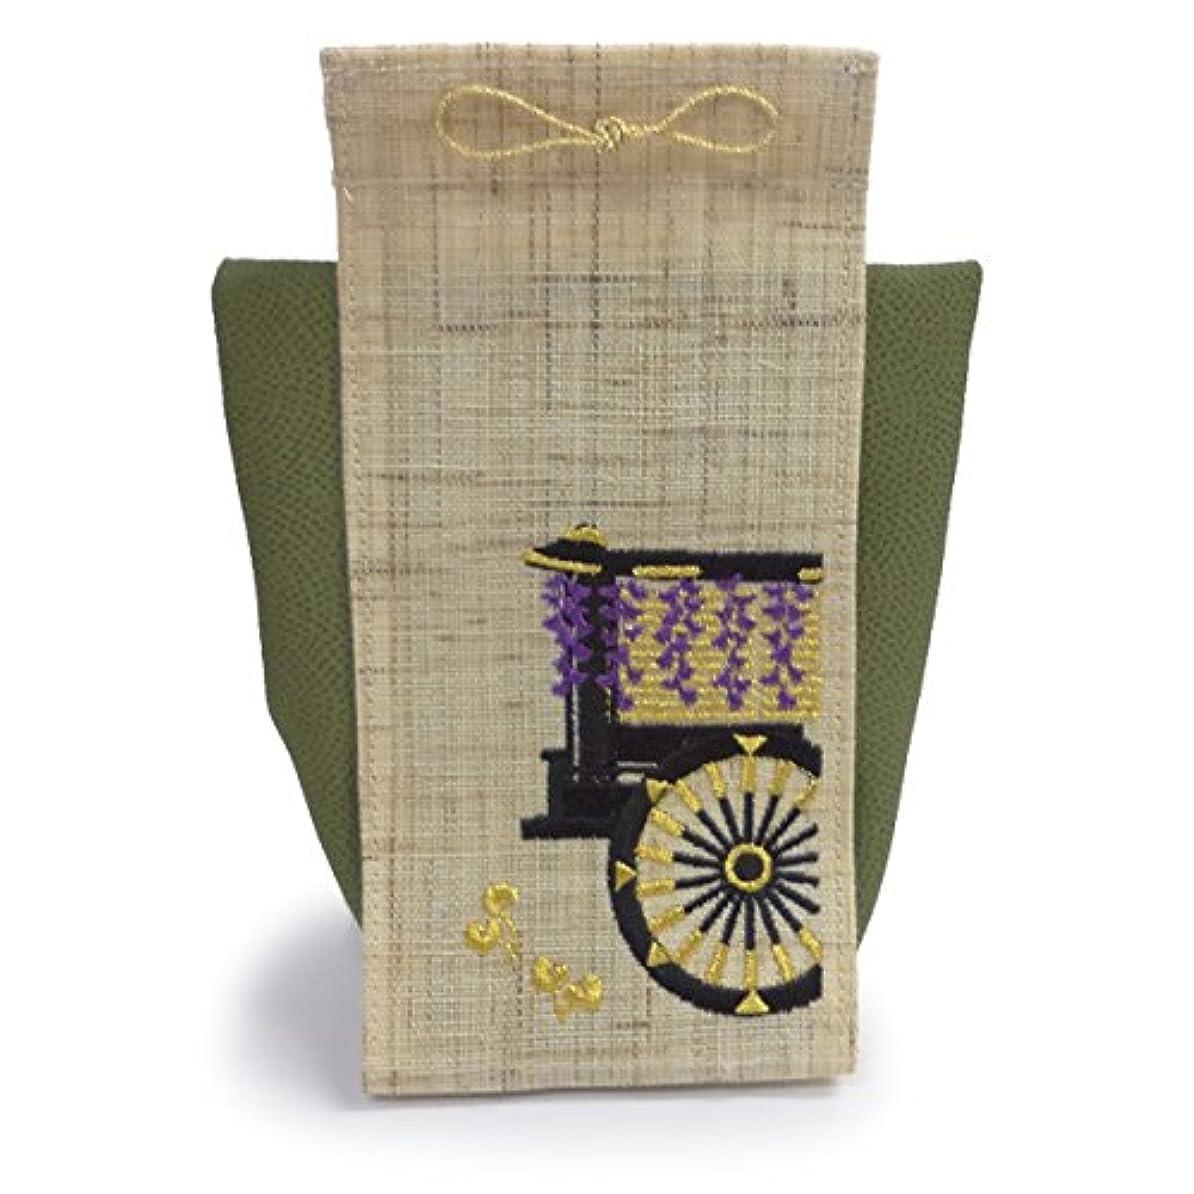 話す熟読する発表香飾り 京の風物詩 葵祭